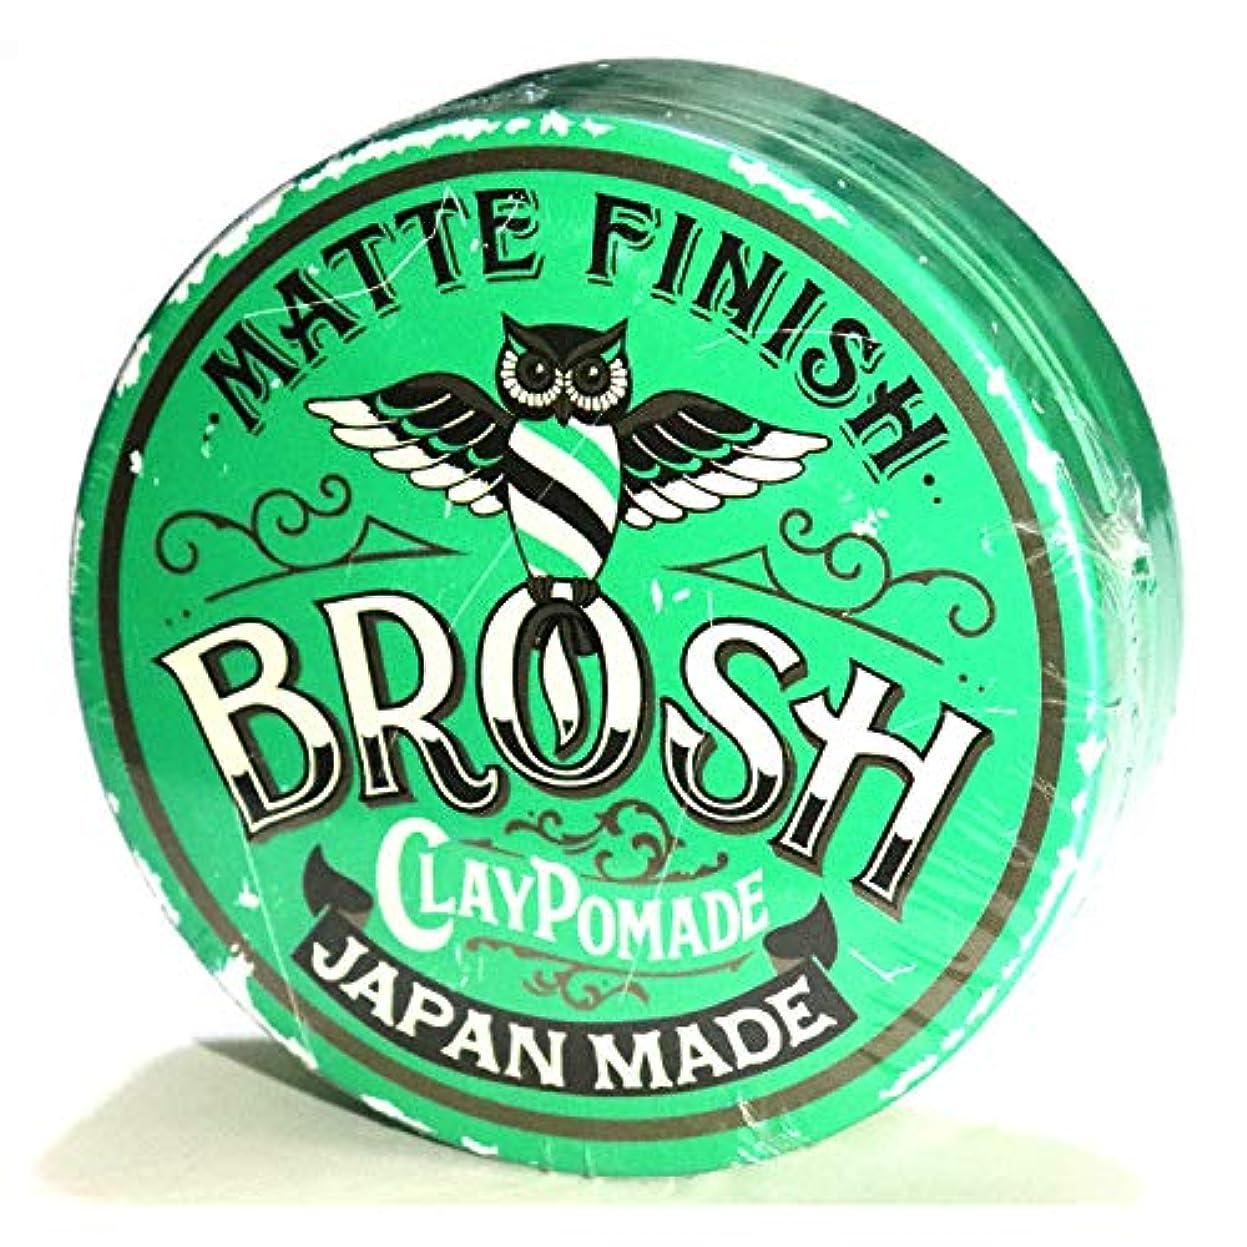 歩行者深いほのかBROSH (ブロッシュ) BROSH CLAY POMADE 115g 水性ポマード 整髪料 マット